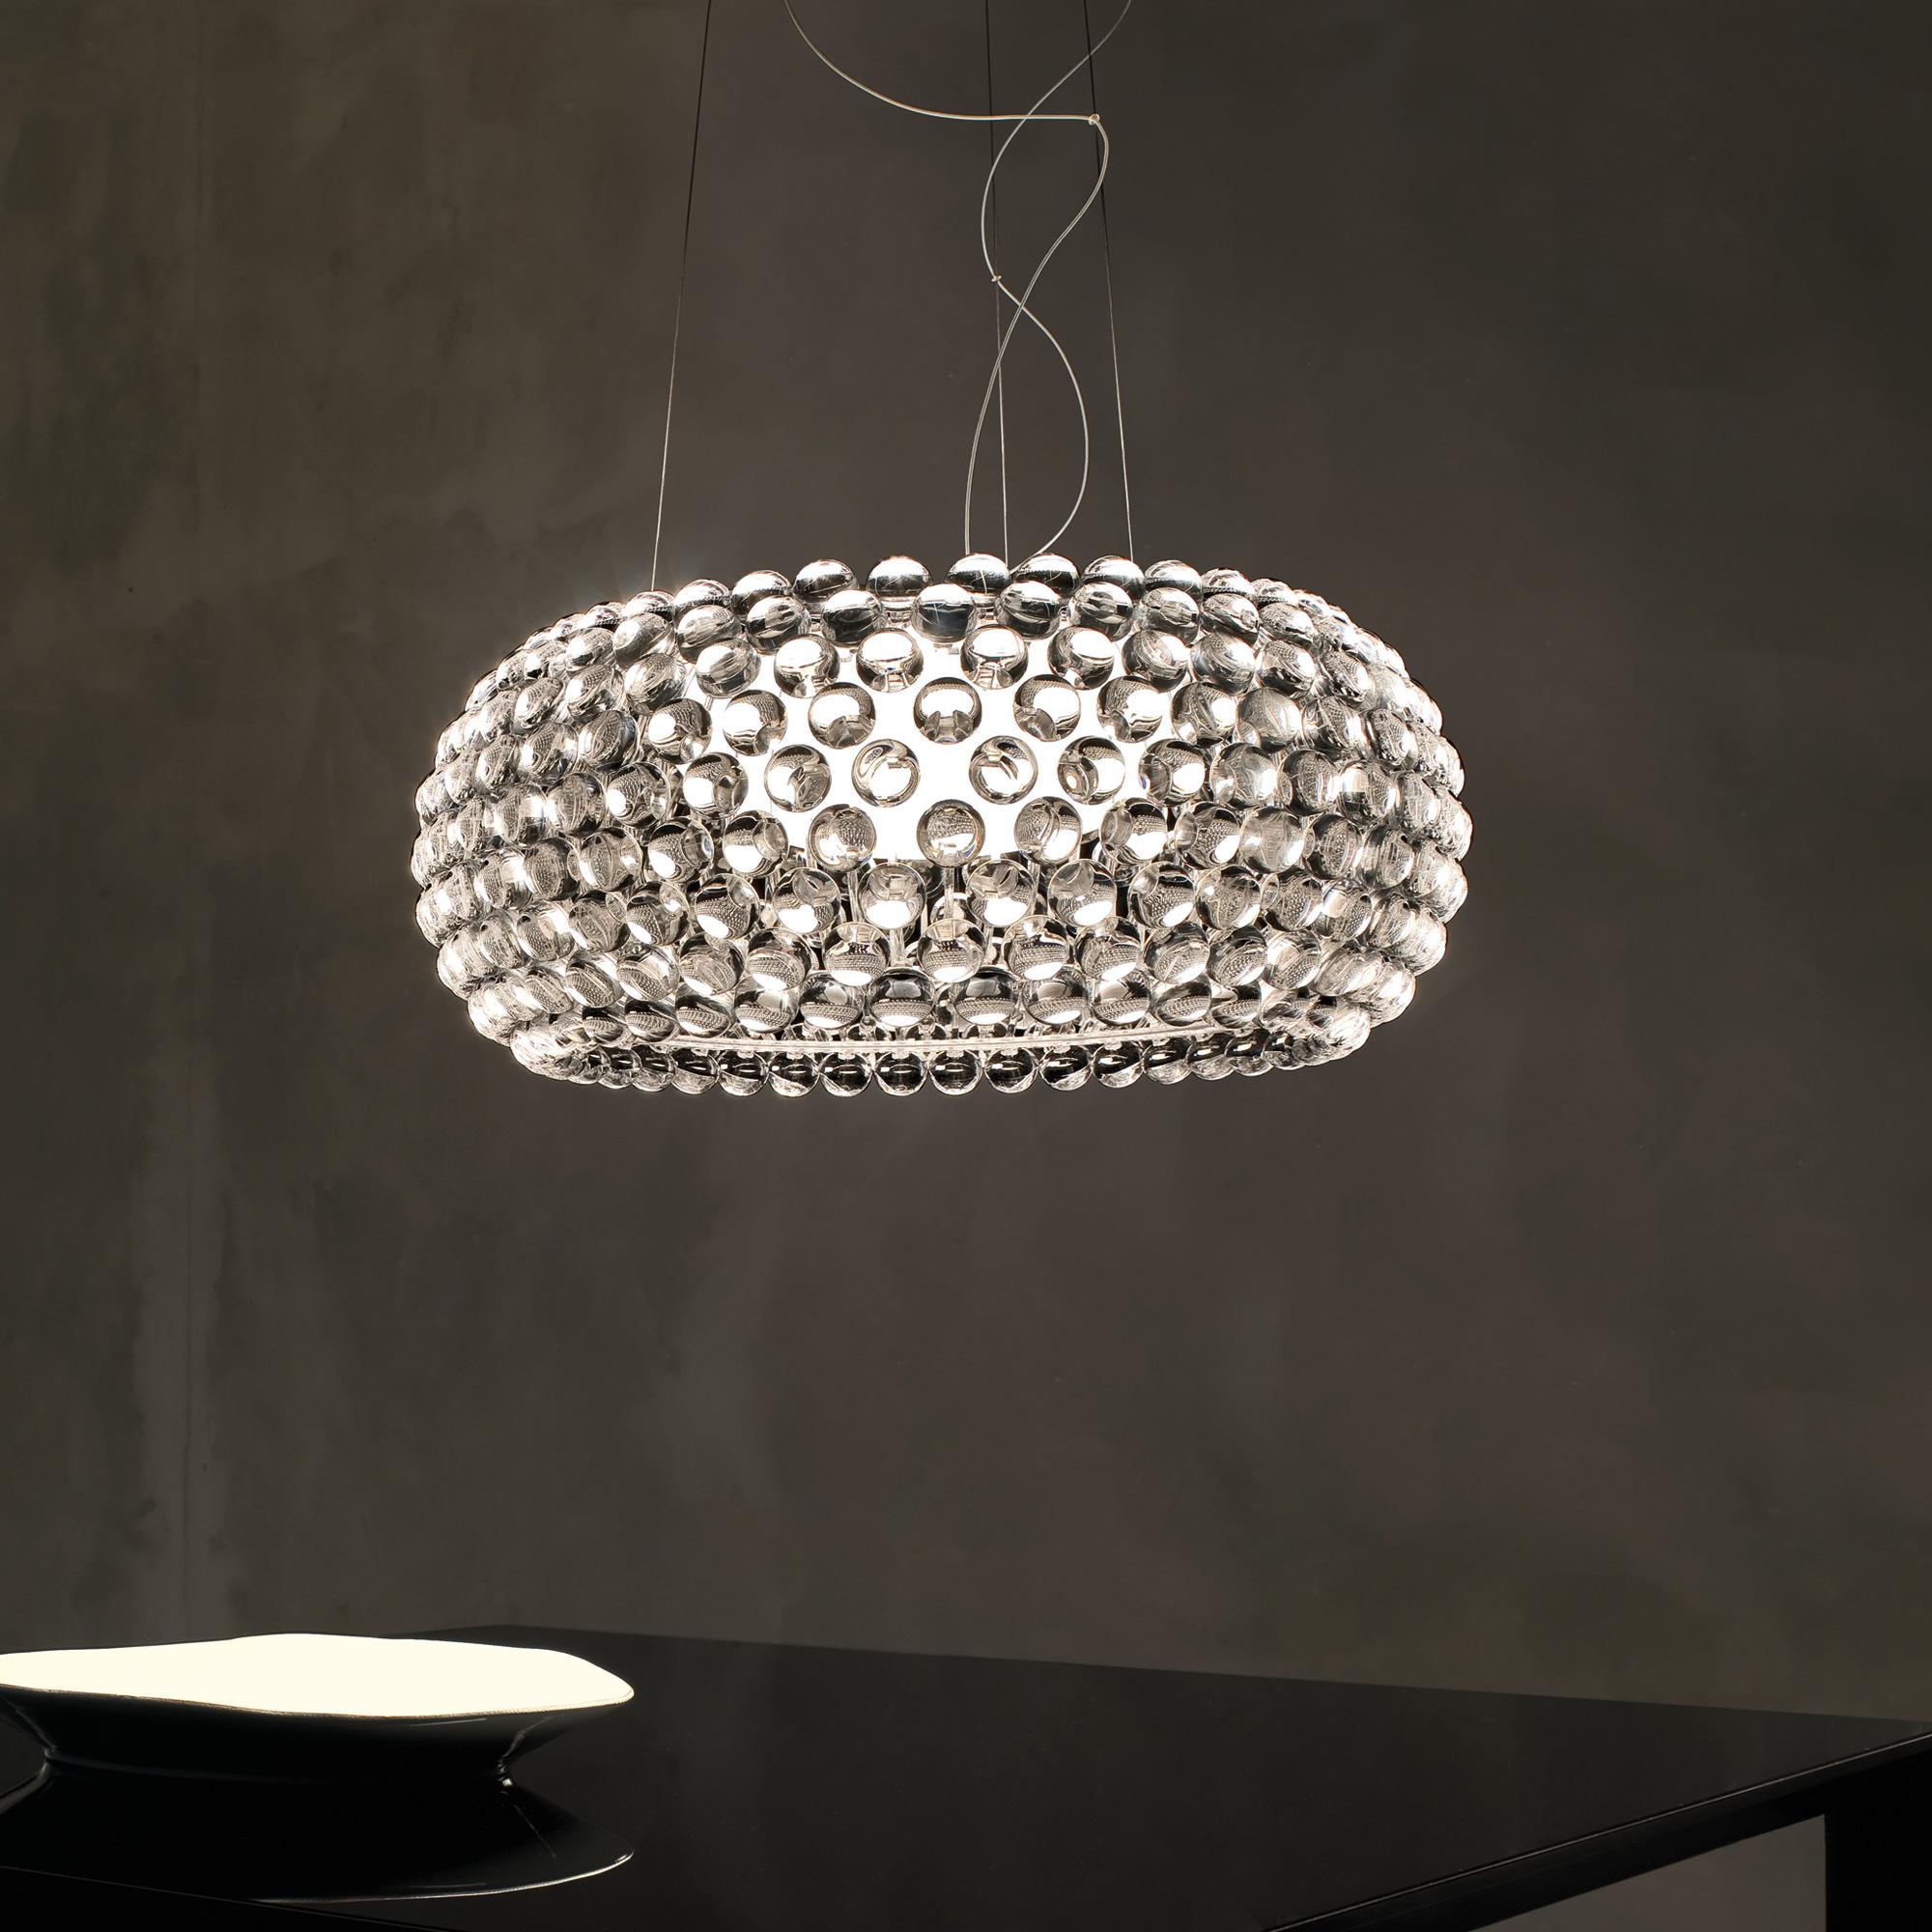 foscarini caboche grande sospensione led pendelleuchte 138017l16 reuter onlineshop. Black Bedroom Furniture Sets. Home Design Ideas